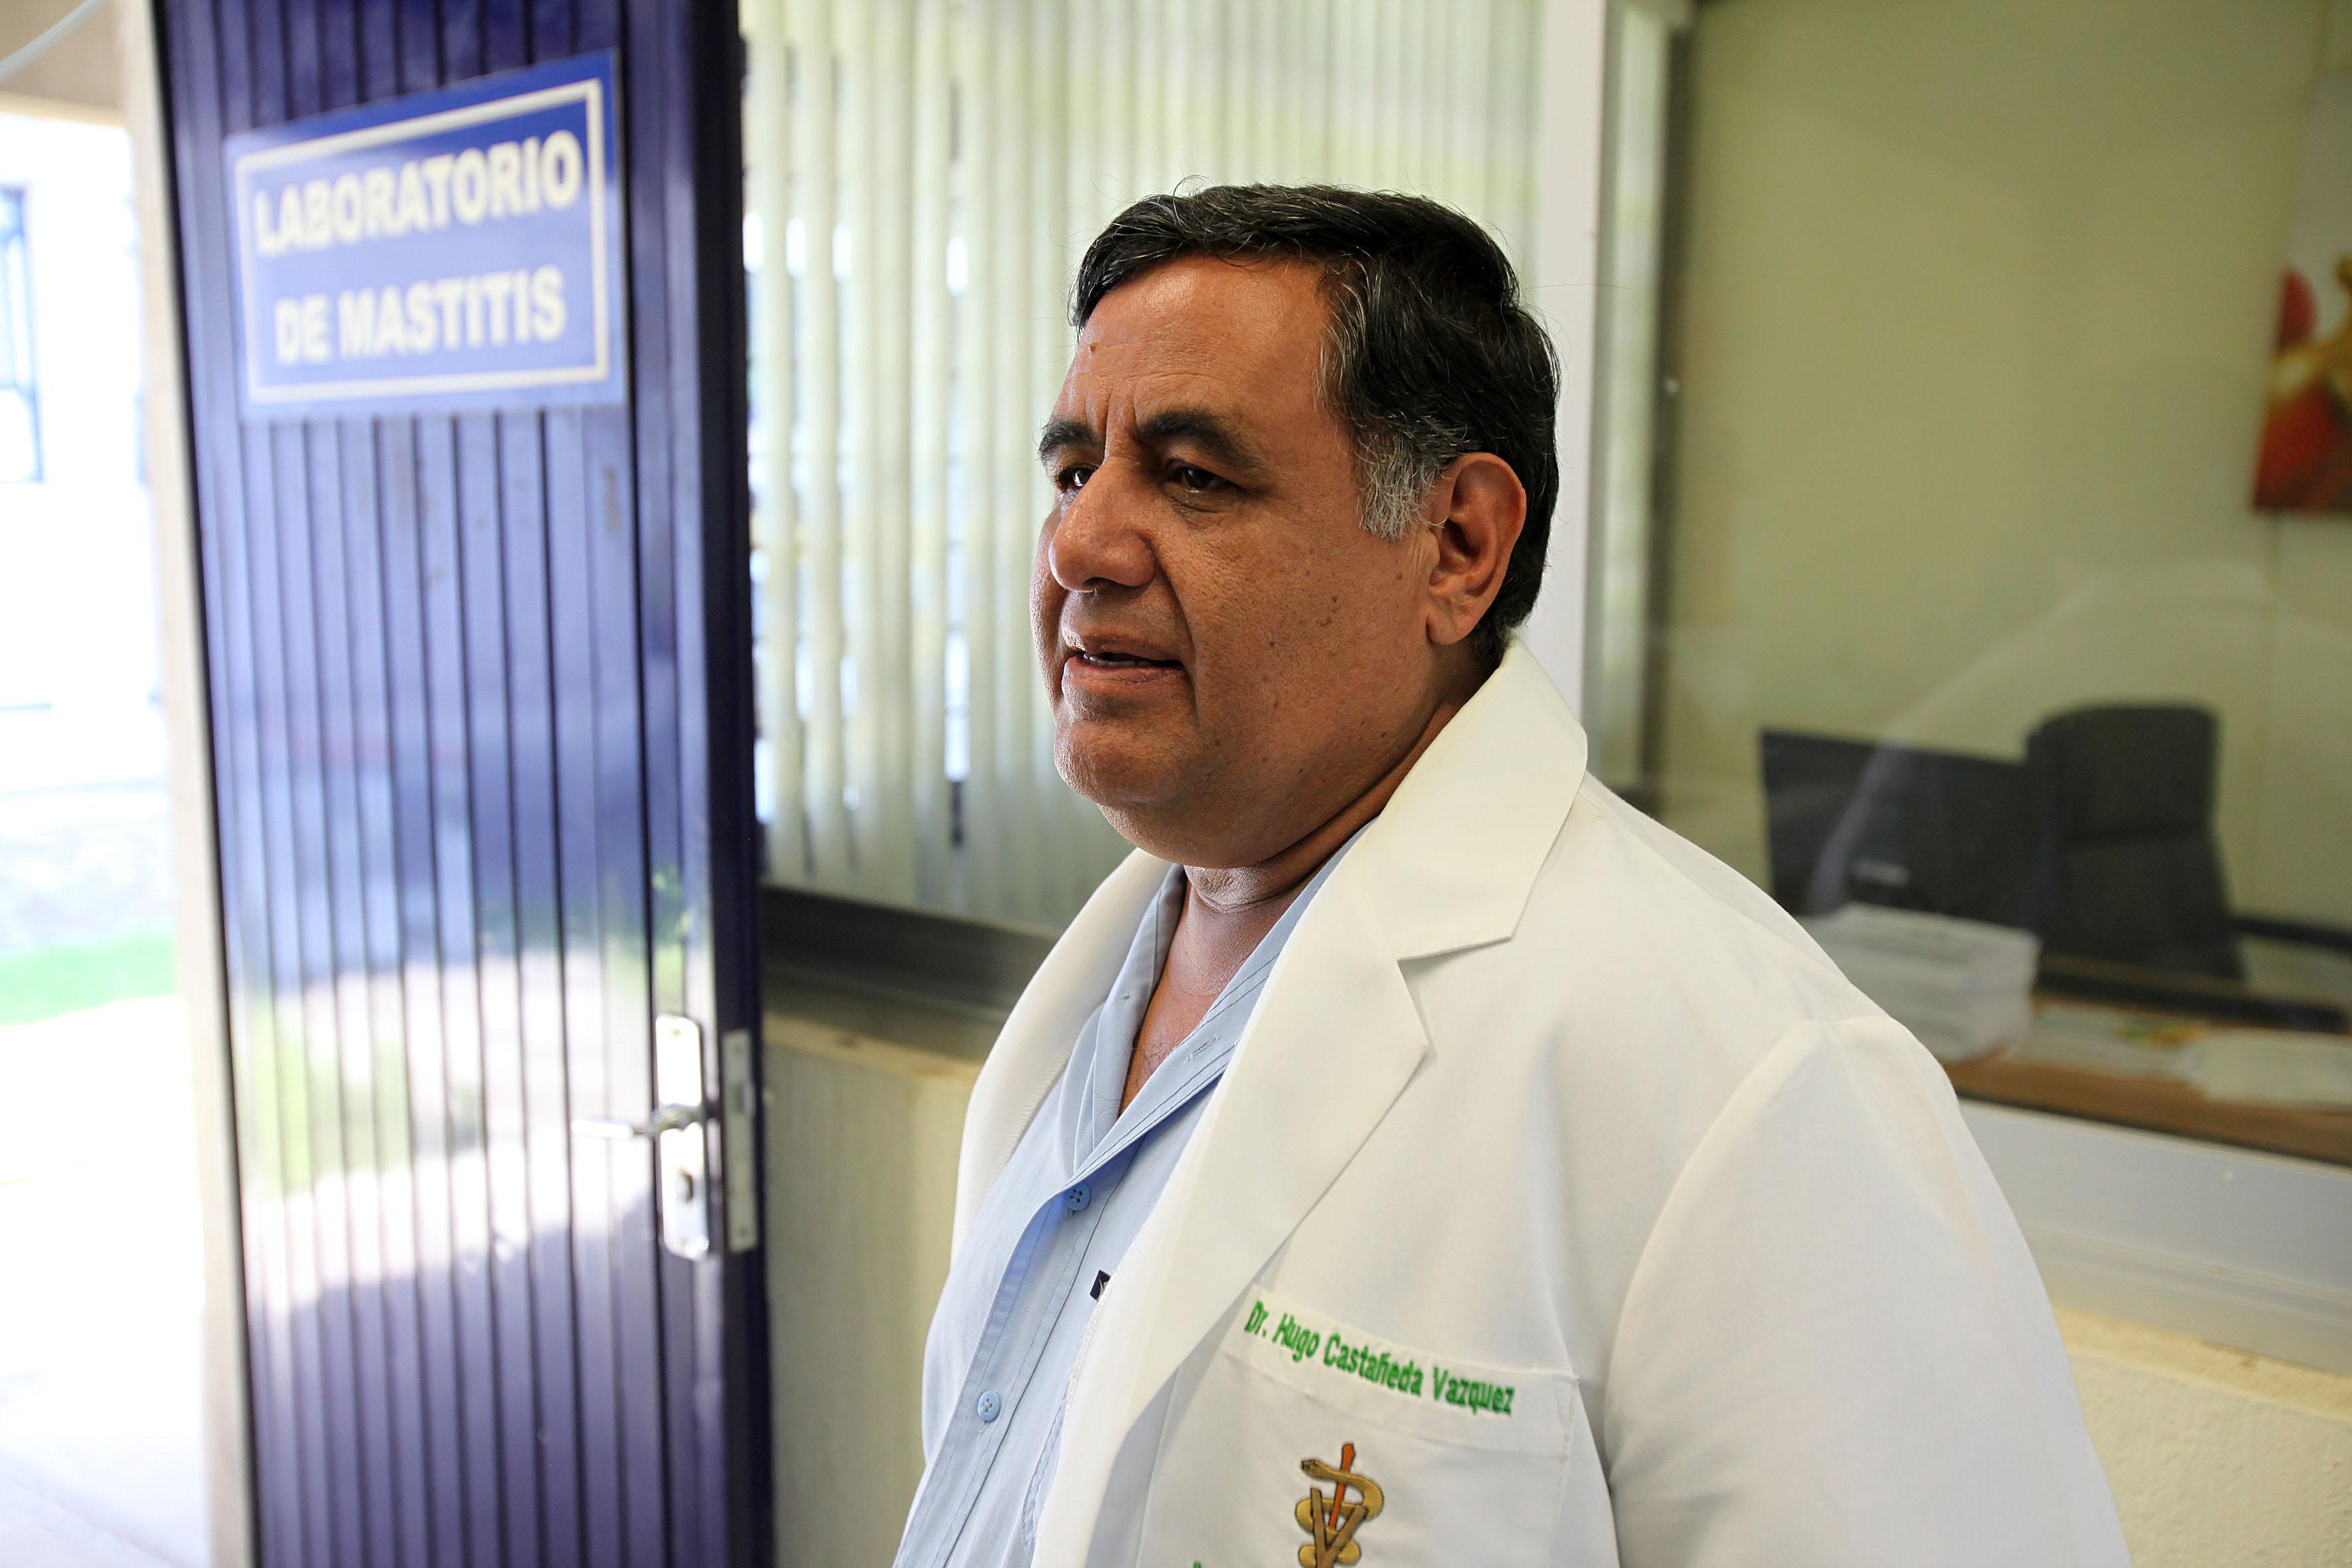 Jefe del Laboratorio de Mastitis y Diagnóstico Molecular de la Universidad de Guadalajara, doctor Hugo Castañeda Vázquez